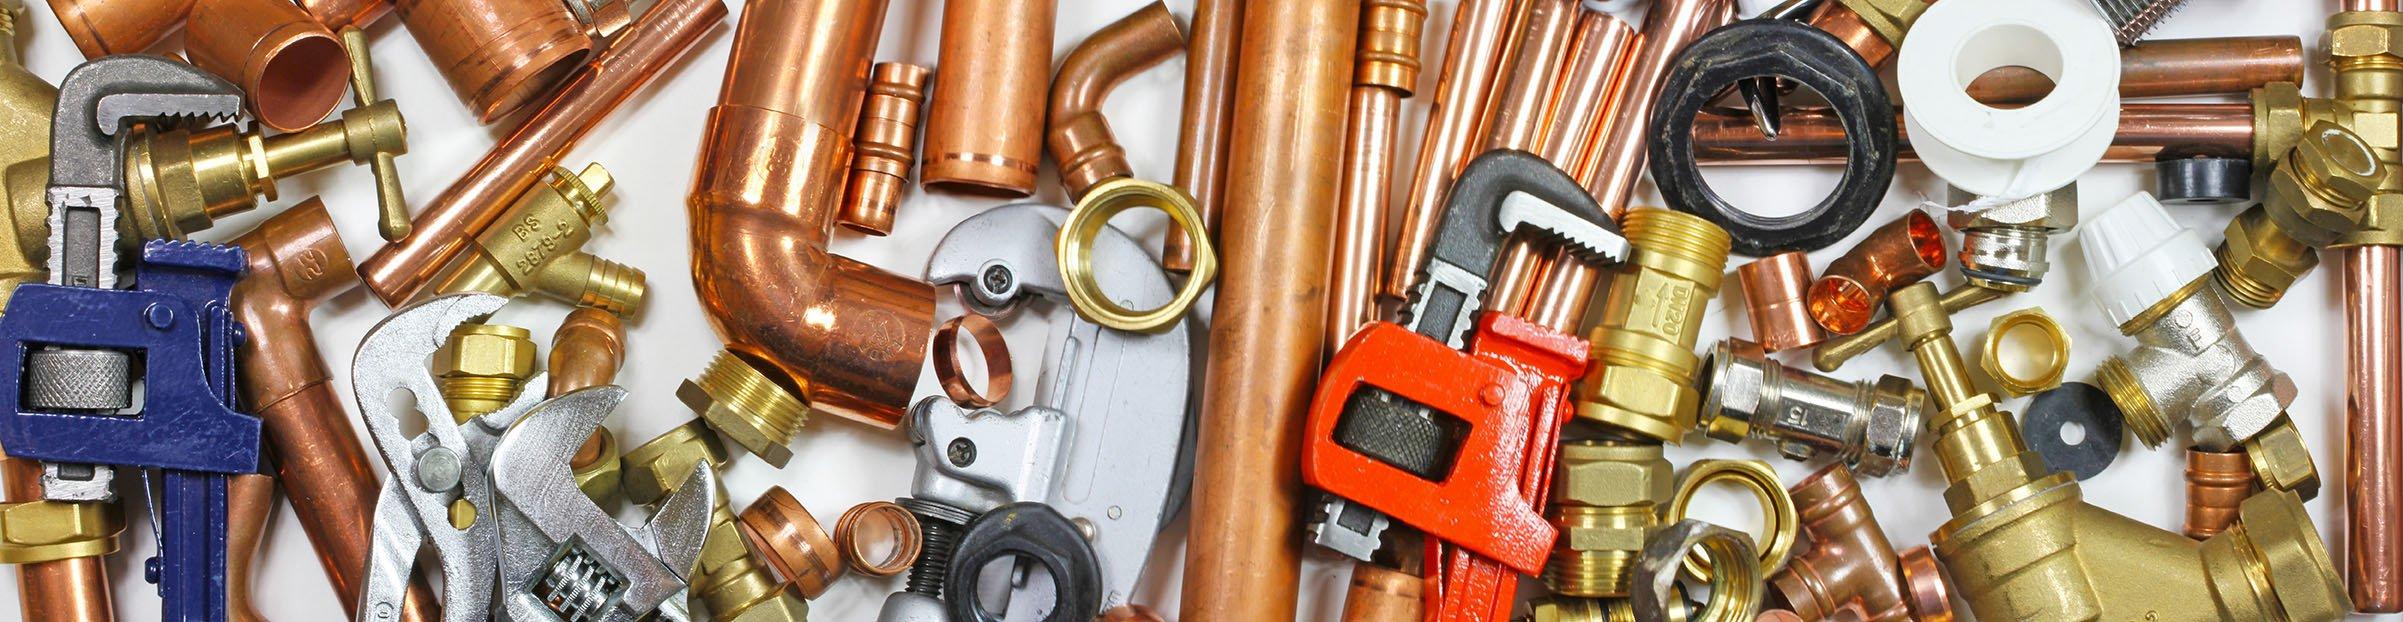 plumbing 72